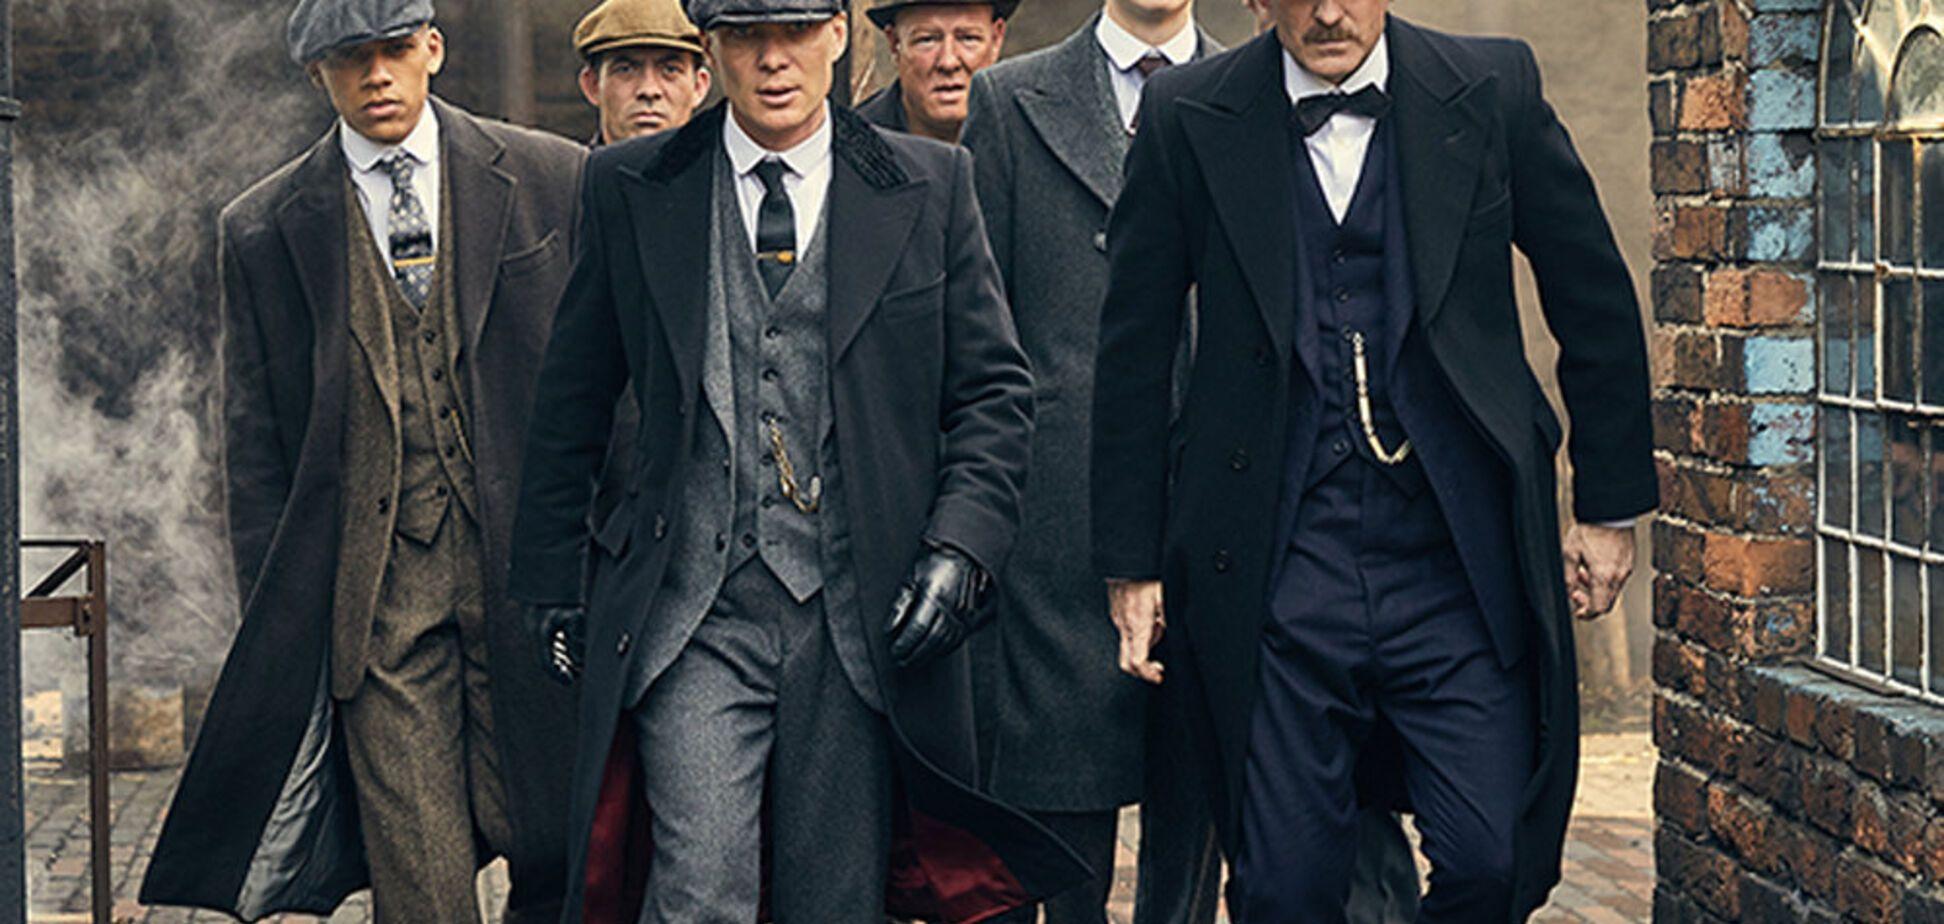 Популярний серіал очолив список переможців BAFTA-2018